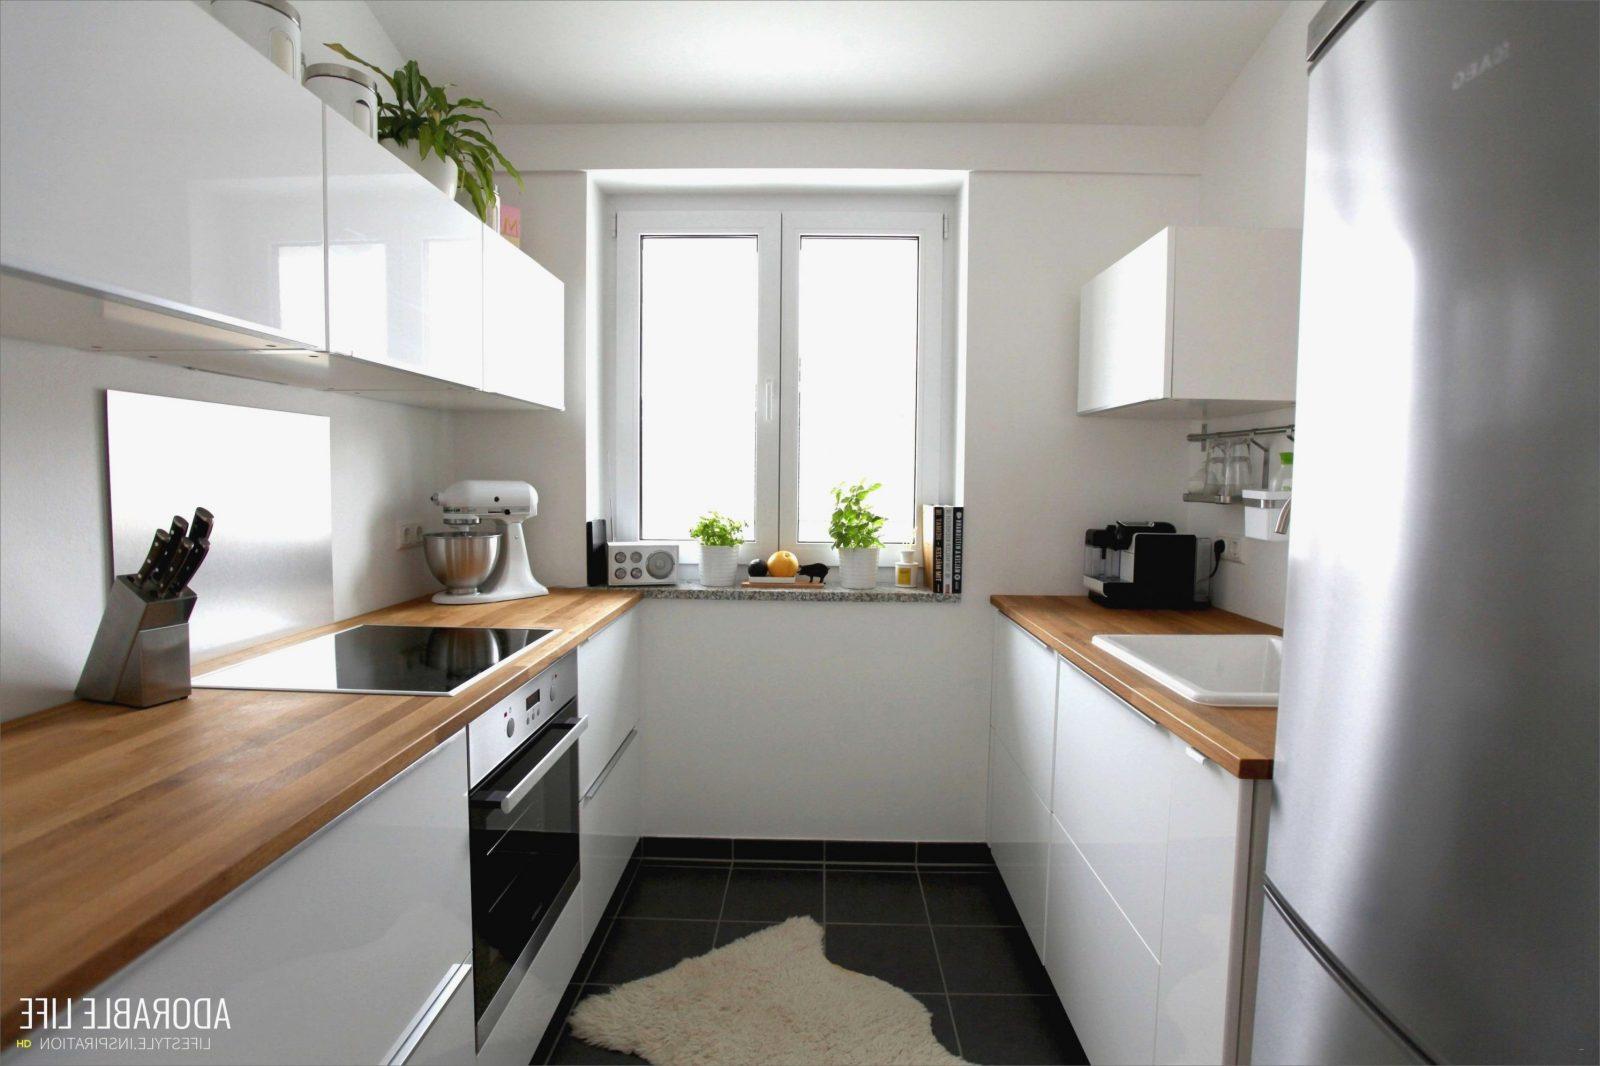 Küche Folieren Lassen Kosten Inspiration Unterschränke Küche Wie von Küche Folieren Lassen Kosten Photo